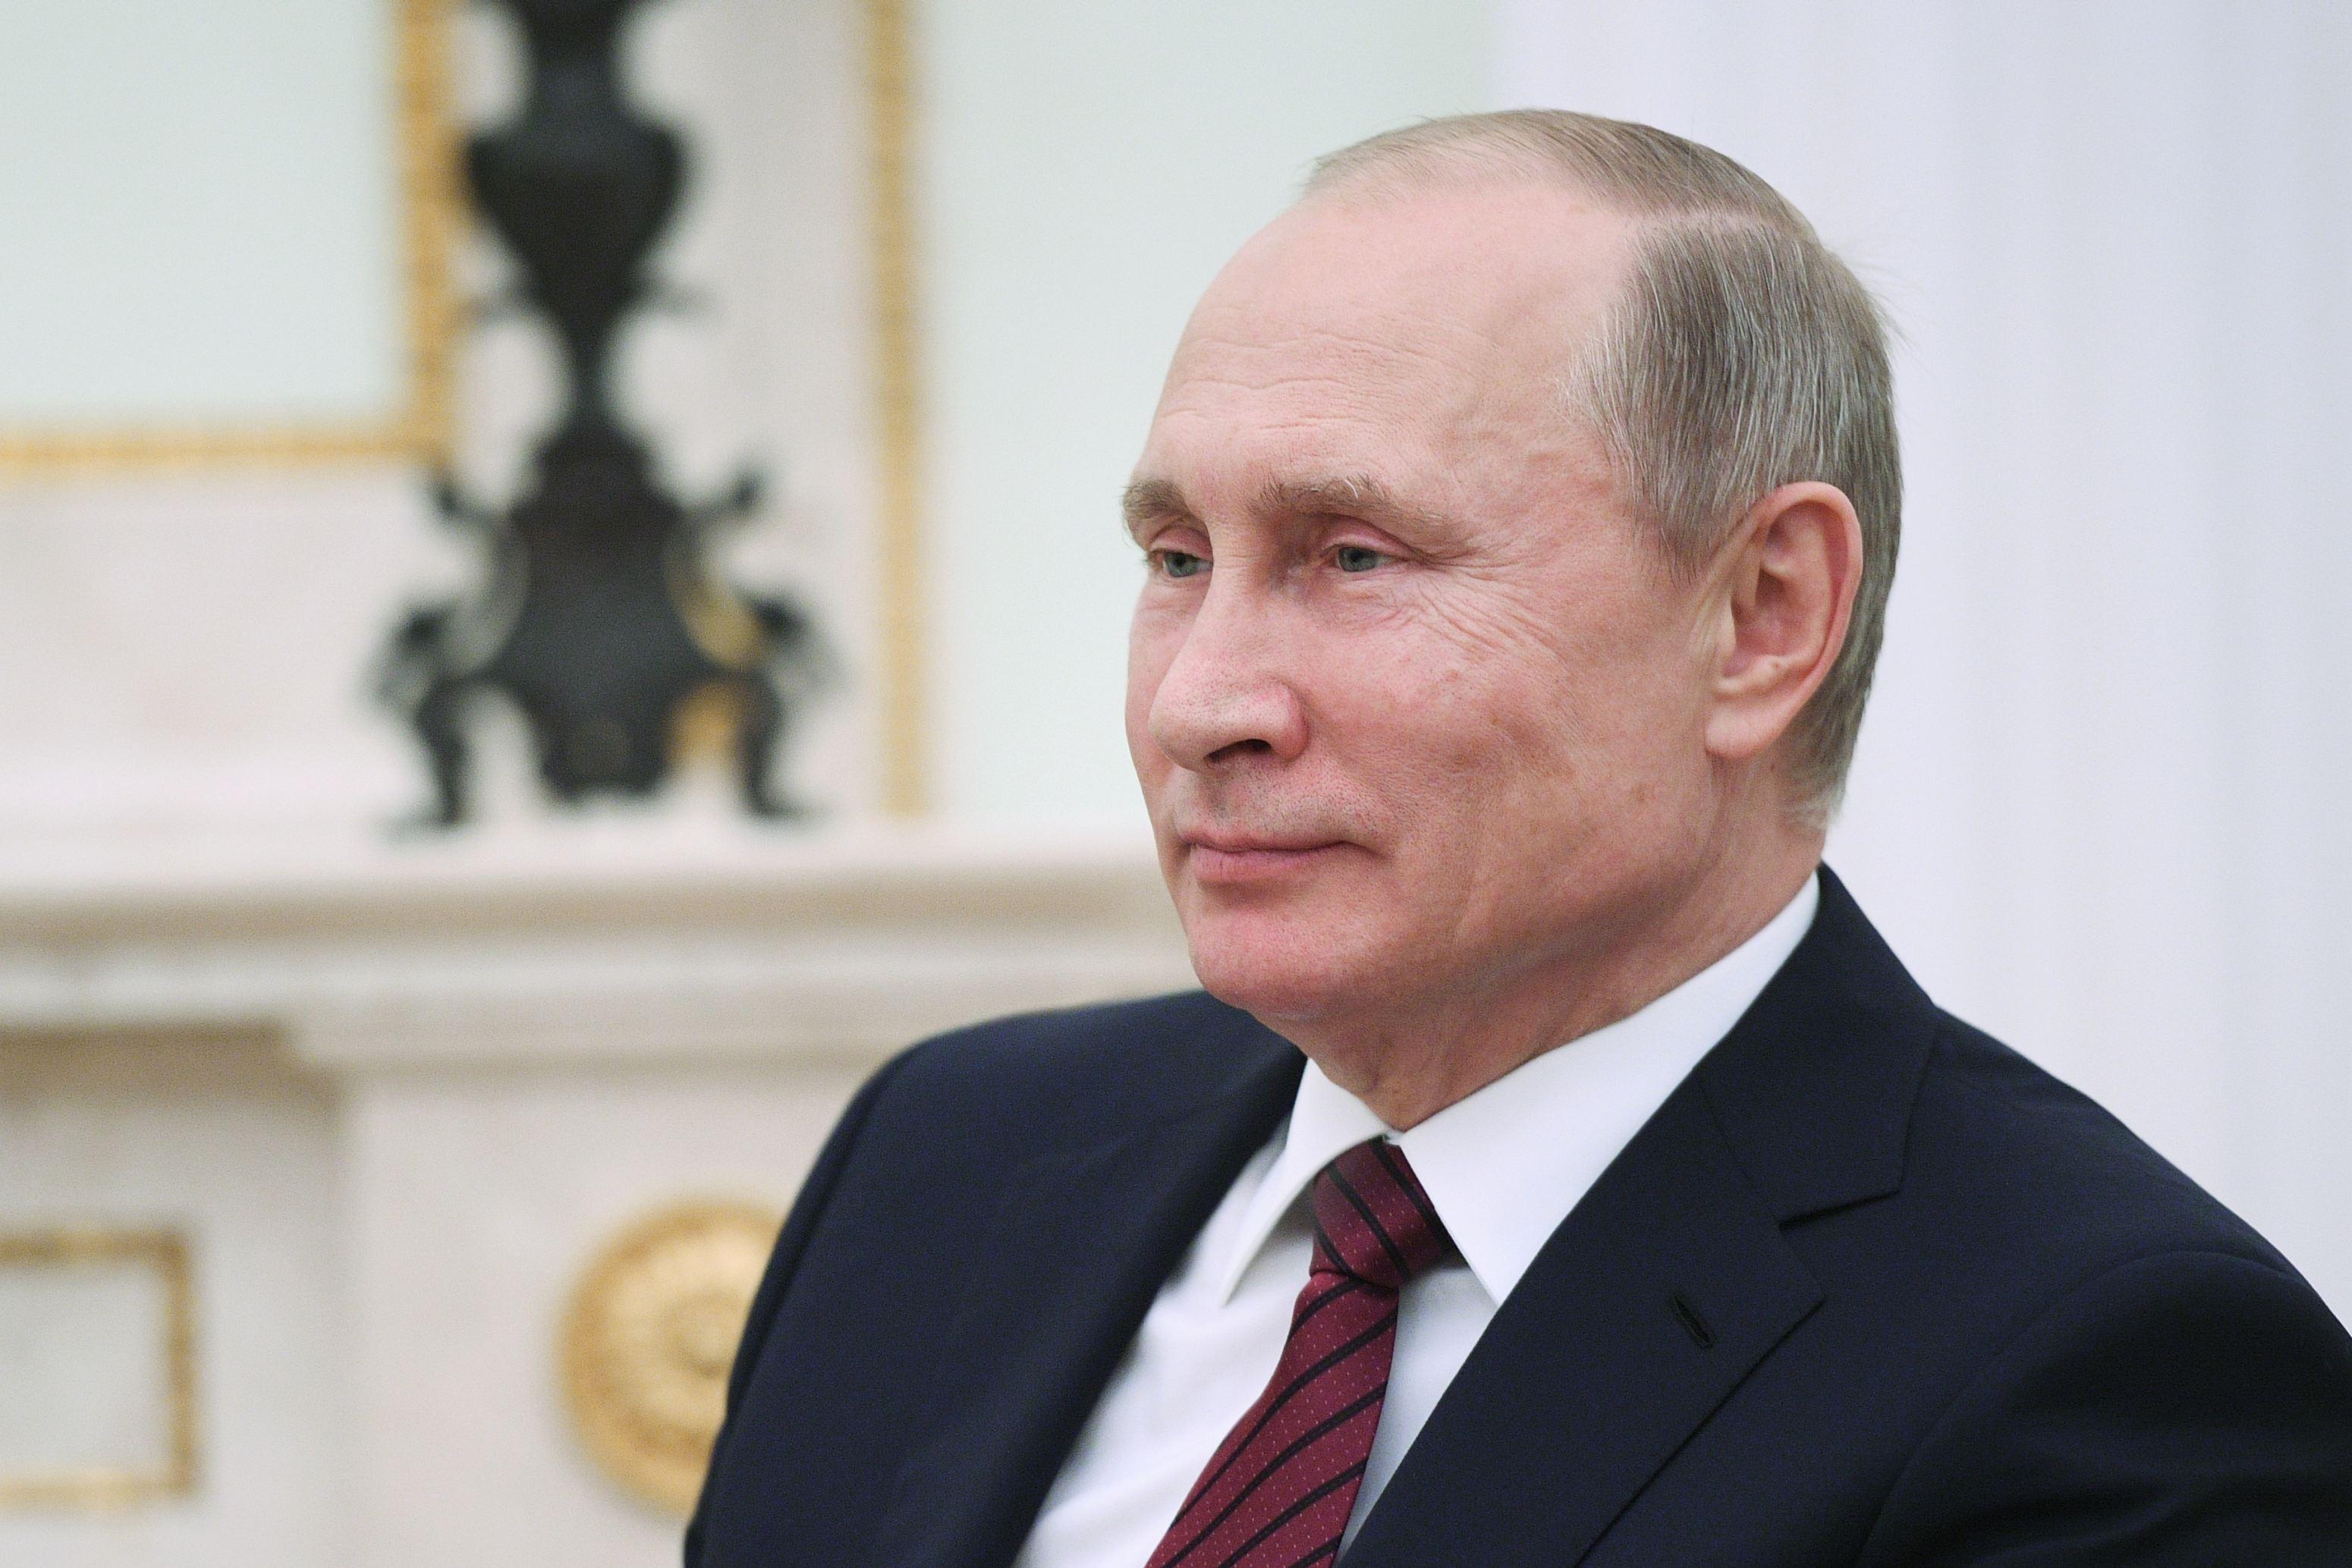 Cum a pierdut Vladimir Putin meciul cu Malta: Apelurile la patriotism către oamenii de afaceri nu au succes. Elita rusă plăteşte bani grei pentru cetăţenia malteză